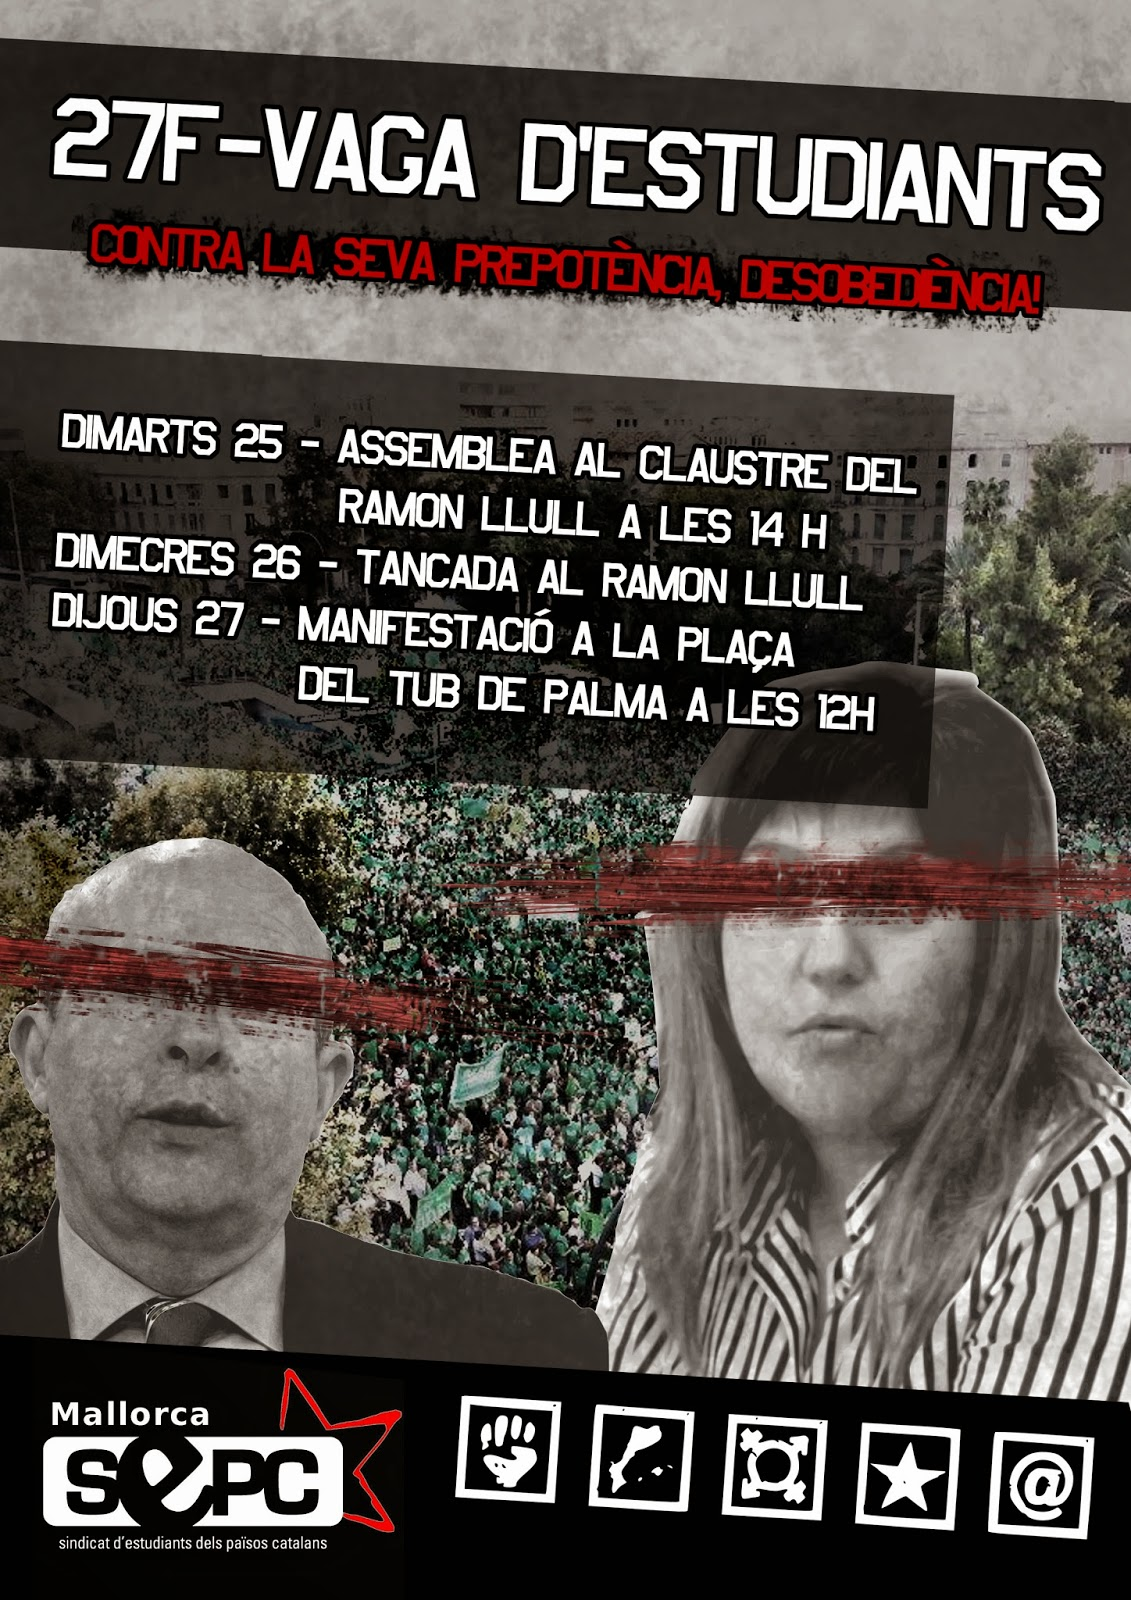 27F Vaga d'Estudiants/es (27-02-14)